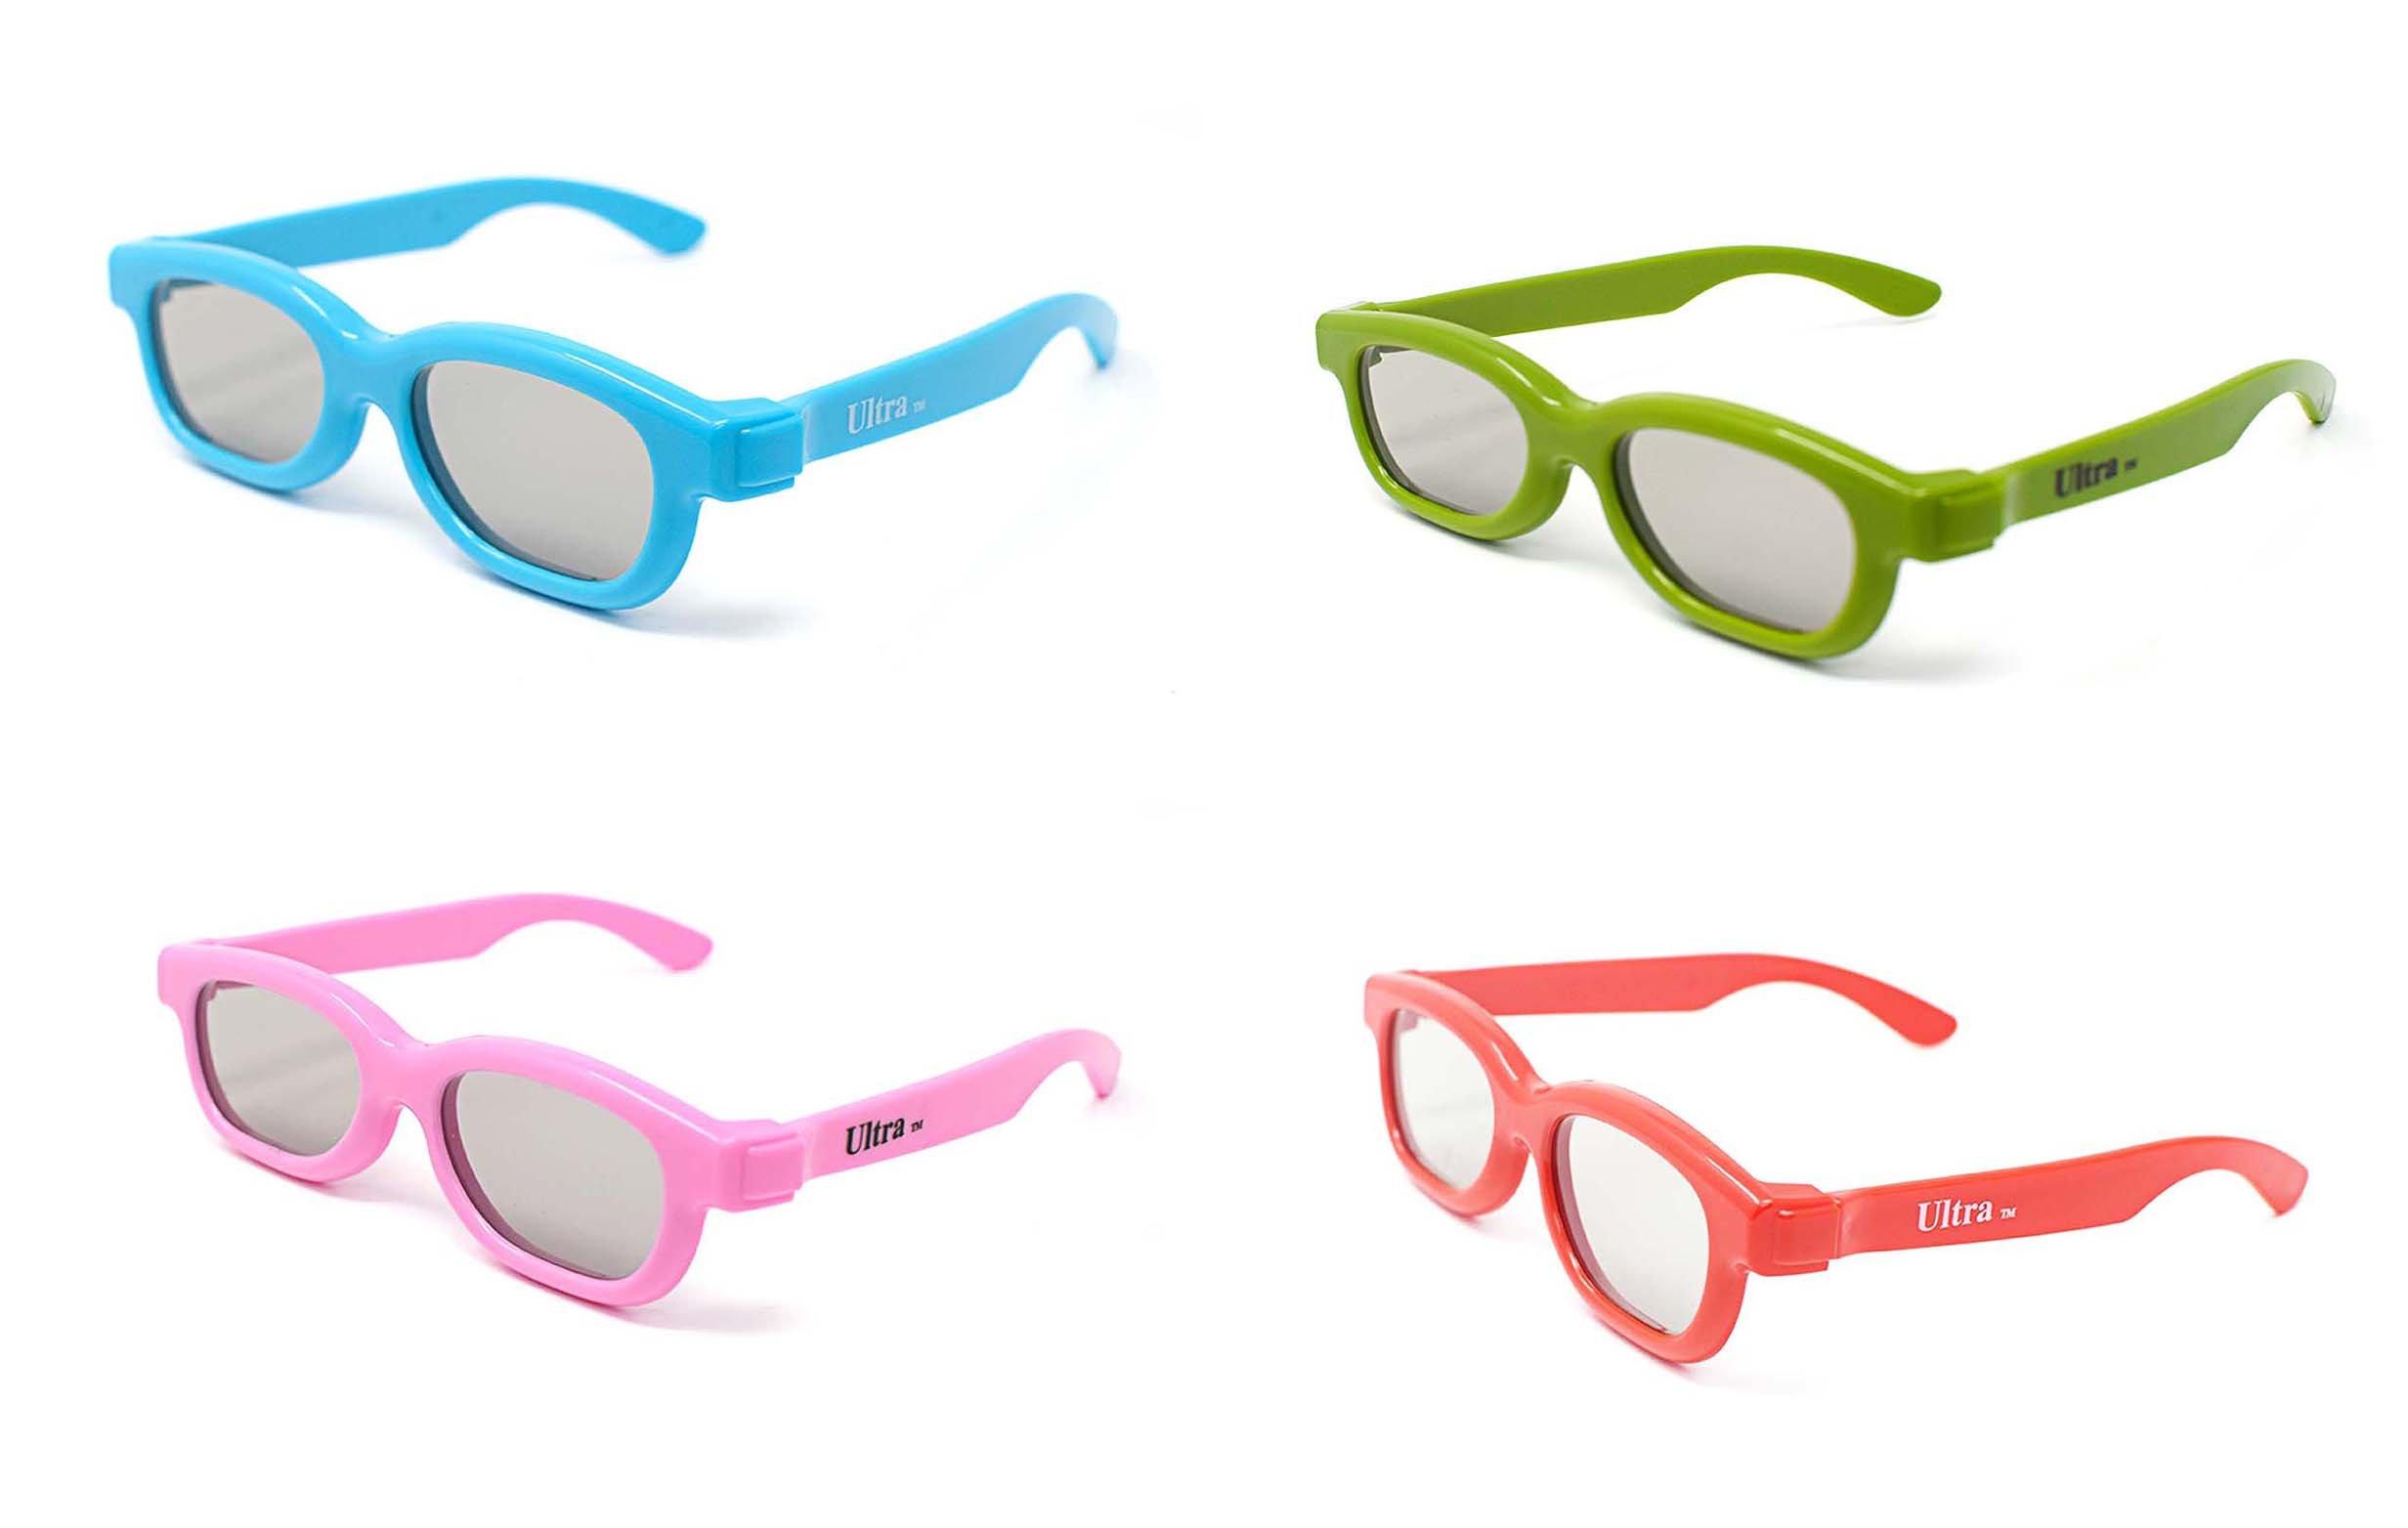 048a7610e8 Ultra - Gafas 3D pasivas universales para niños (polarizadas, 4 unidades),  color